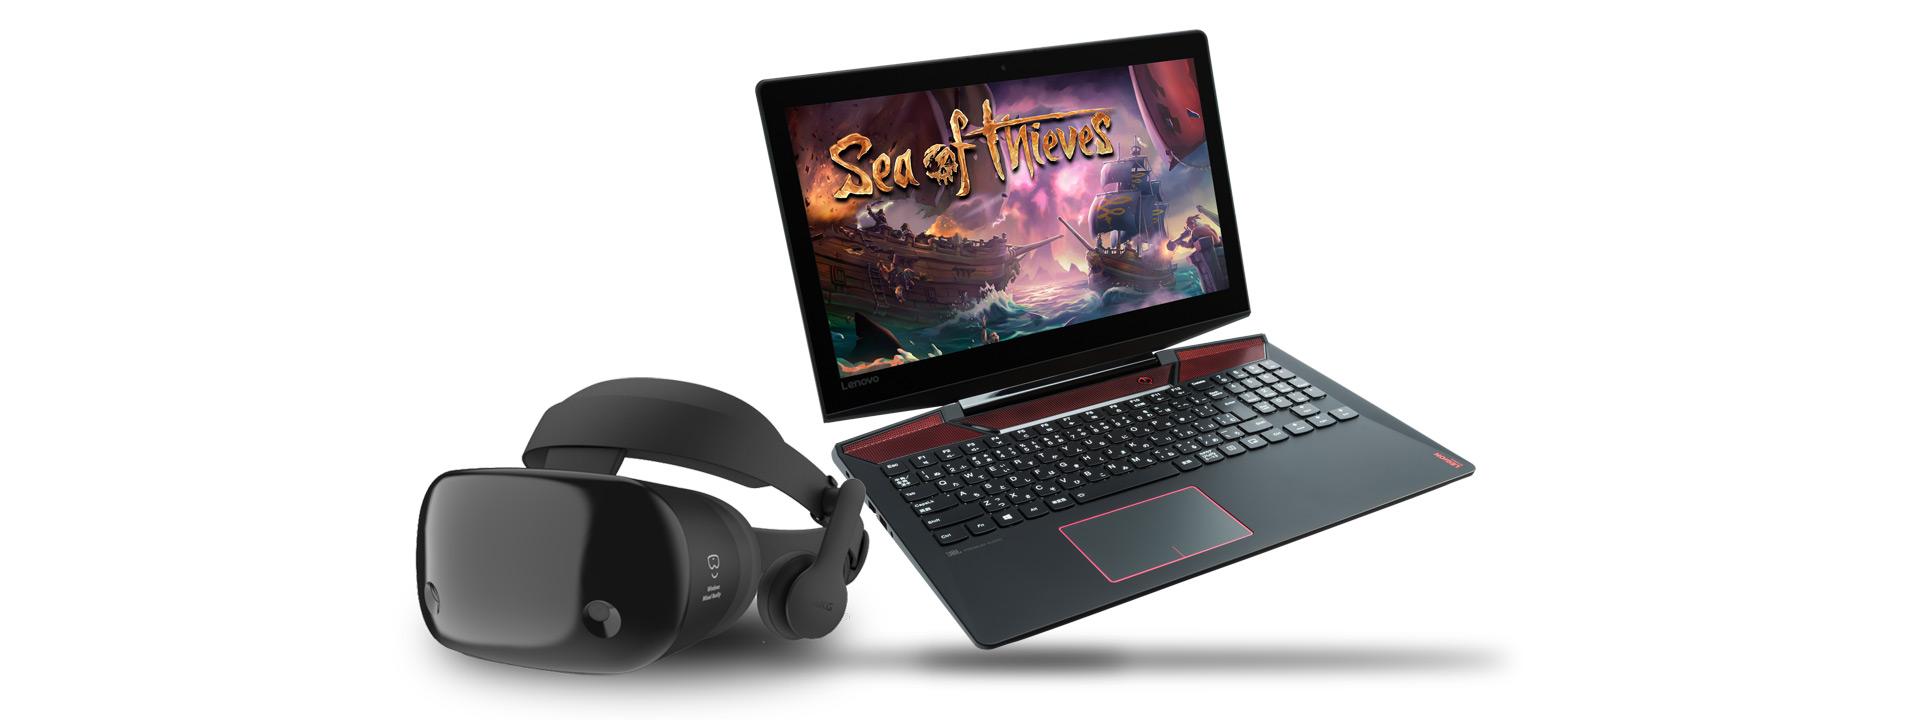 スクリーンにSea of Thievesを表示しているゲーミングノートパソコンのあるWindows Mixed Realityヘッドセット